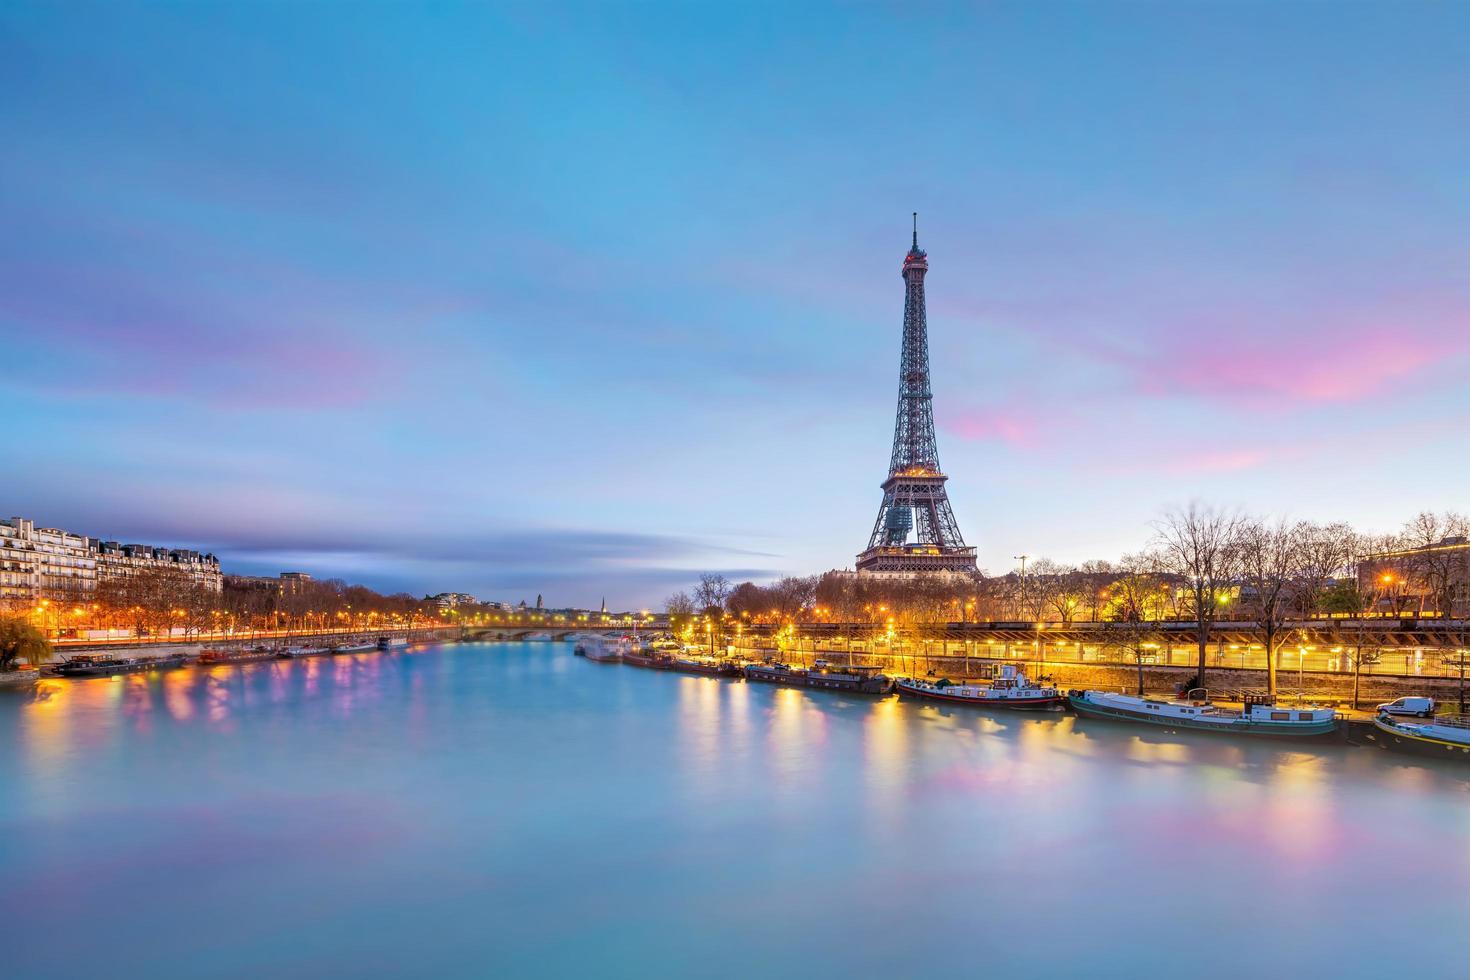 La torre Eiffel y el río Sena en el crepúsculo en París. foto